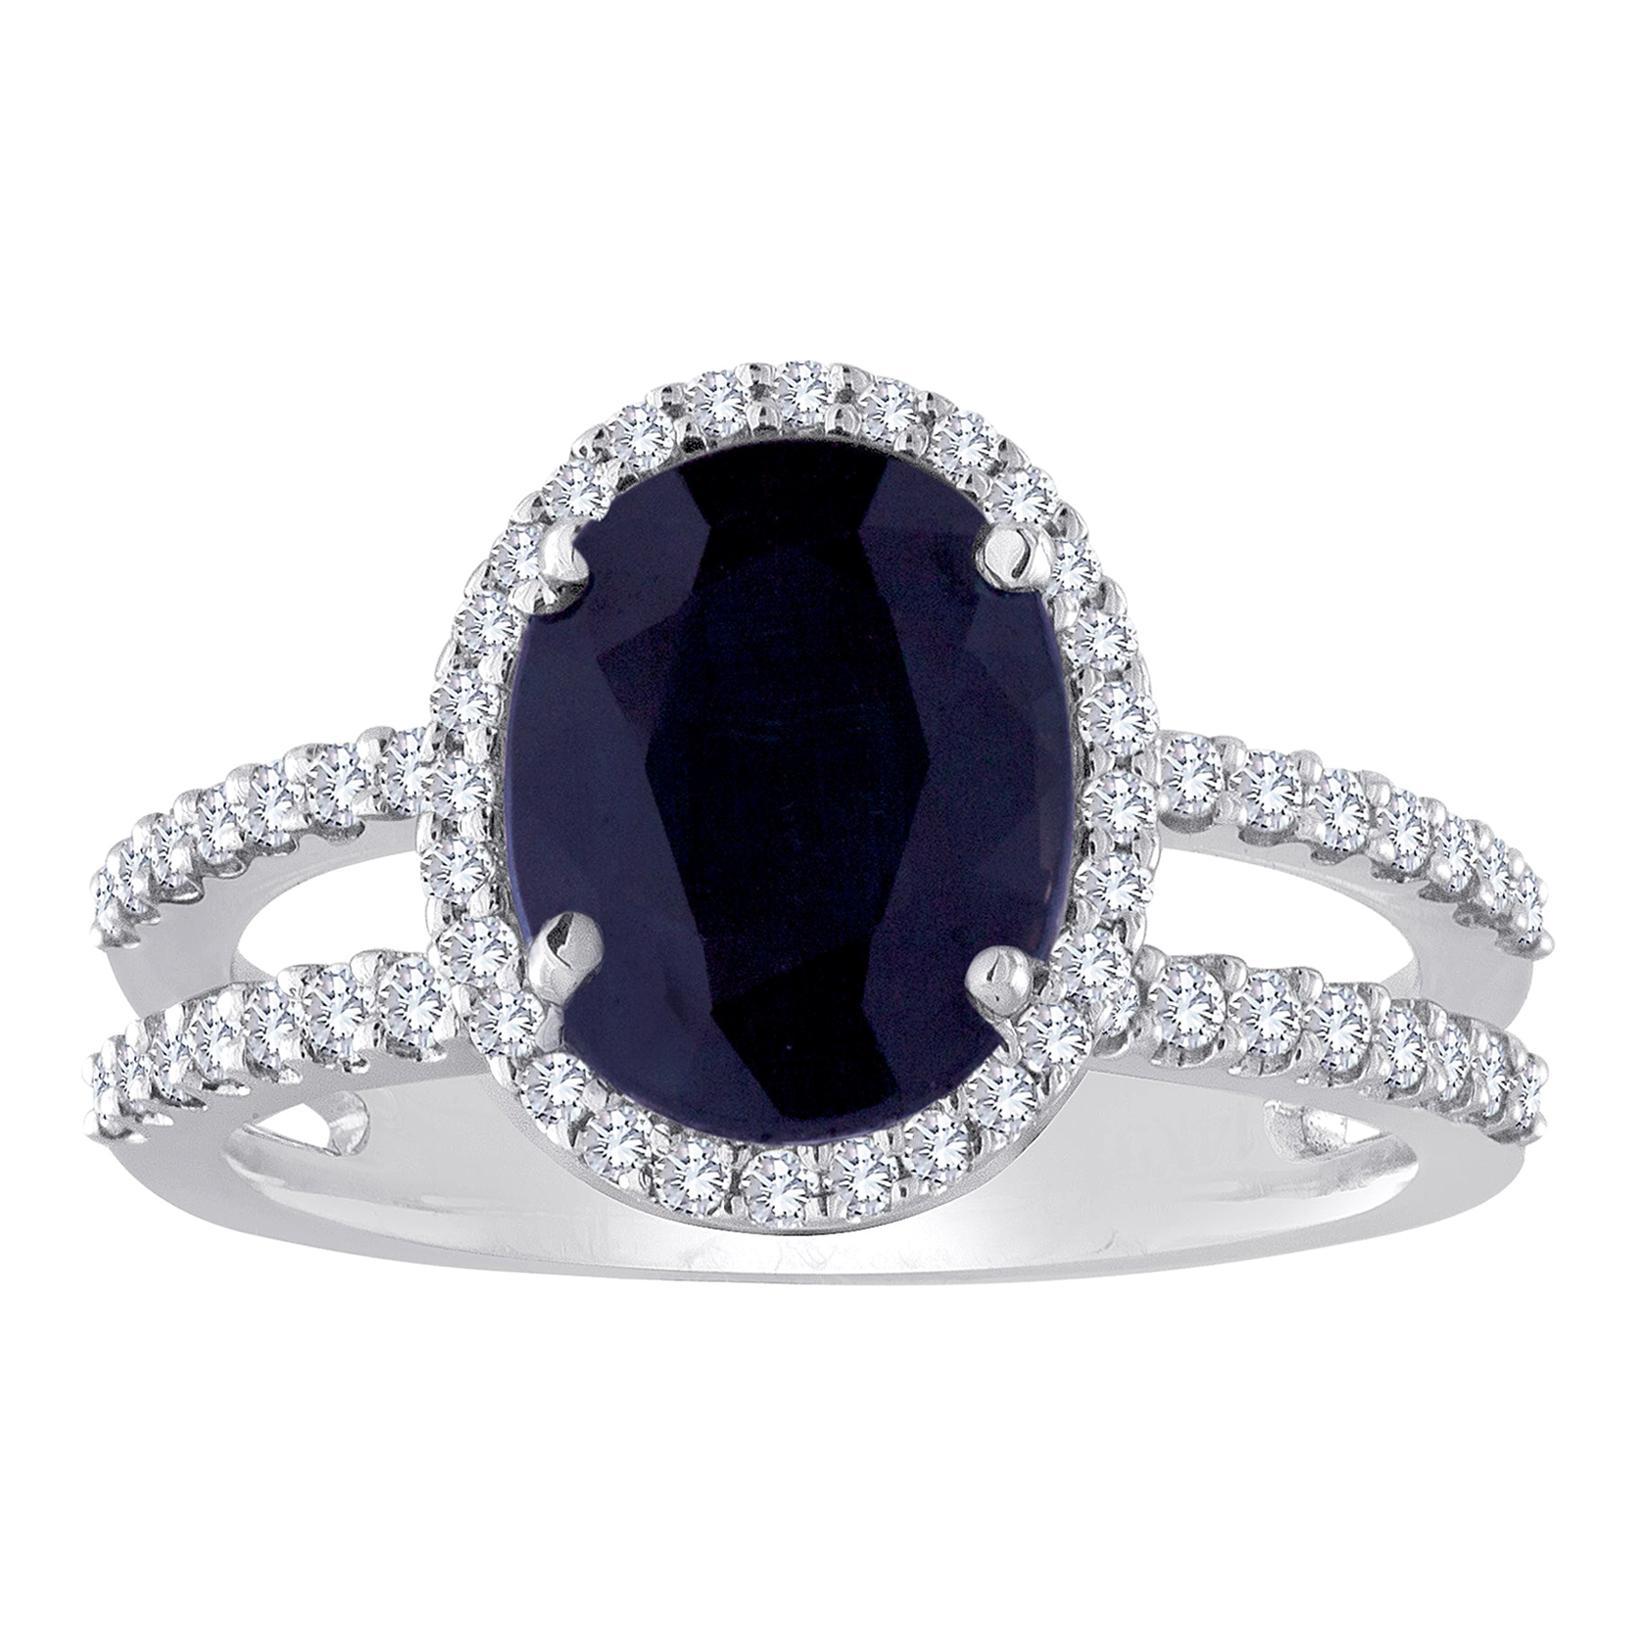 2.82 Carat Oval Blue Sapphire Diamond Gold Ring